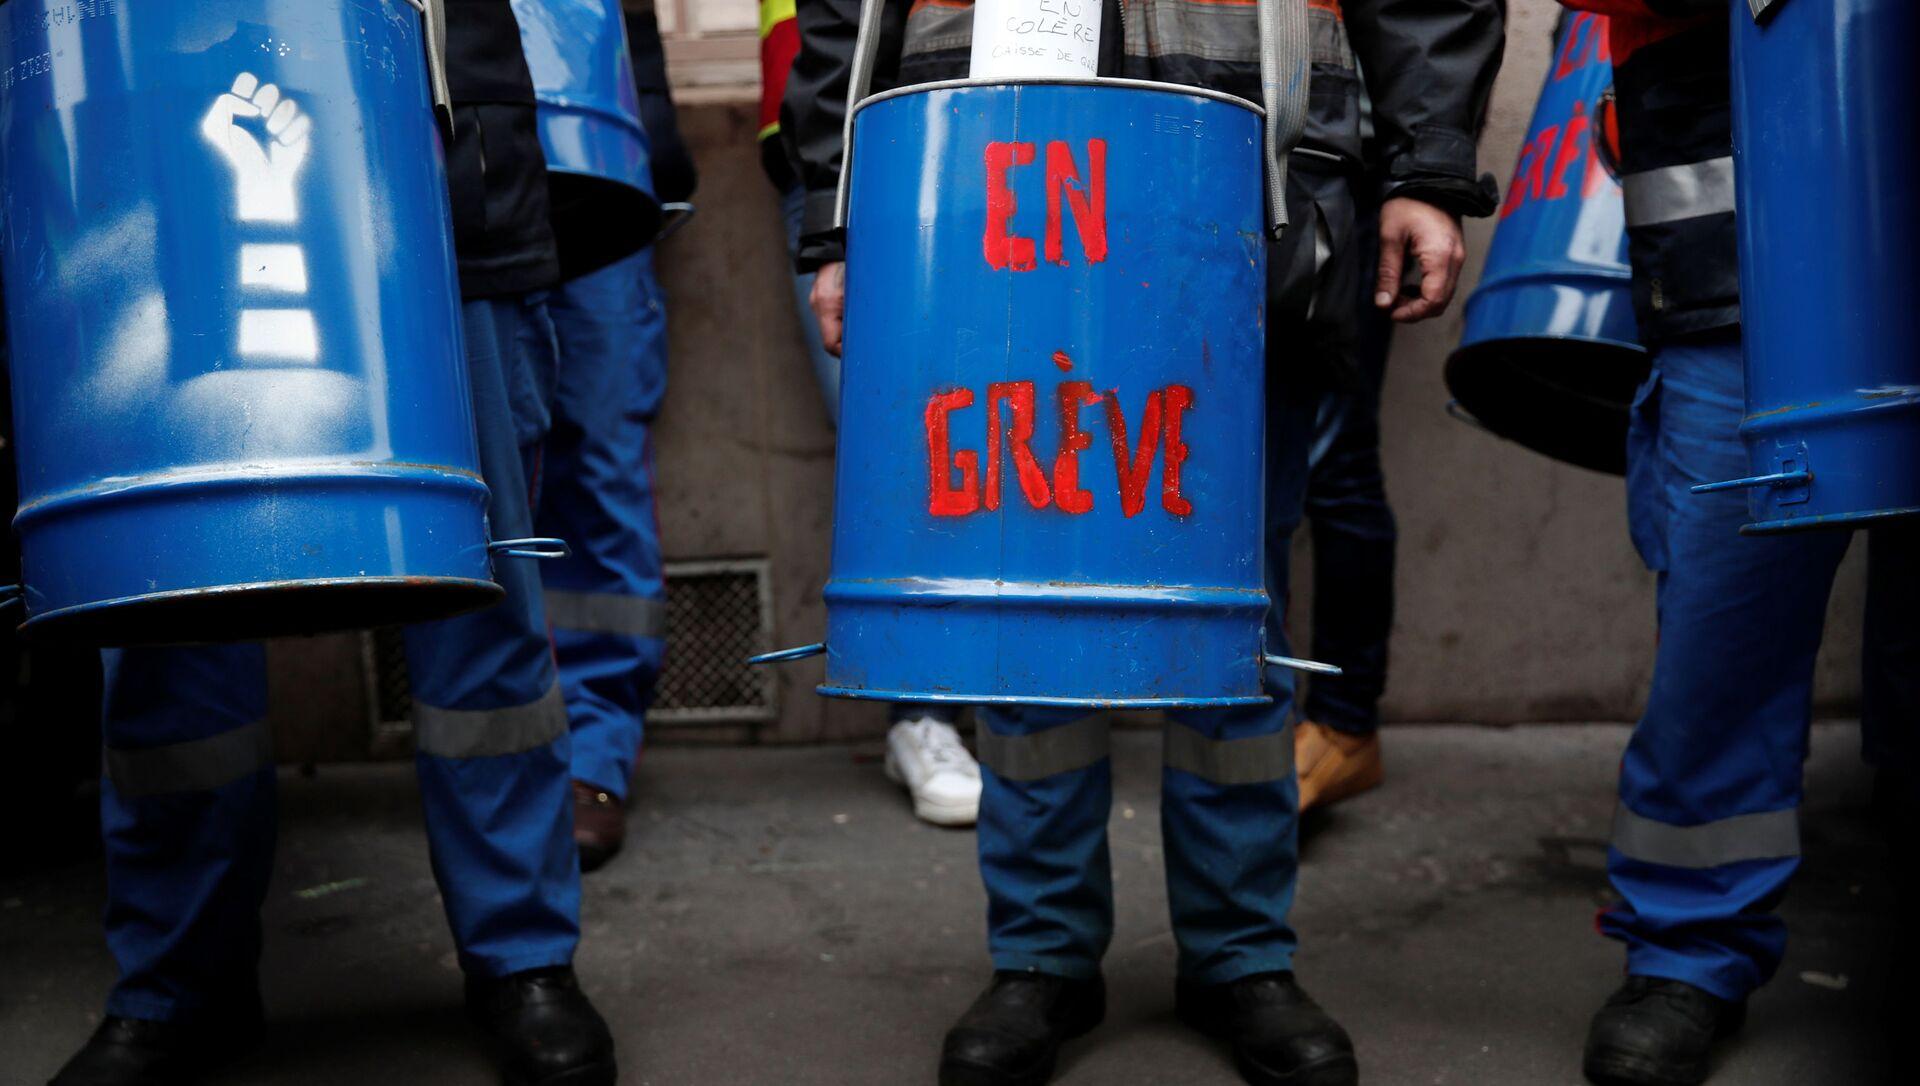 Unos trabajadores participan de una protesta contra los recortes de personal frente a la sede de Sanofi en París, durante un día nacional de huelgas y protestas contra los despidos y las políticas económicas y sociales del gobierno - Sputnik Mundo, 1920, 04.02.2021